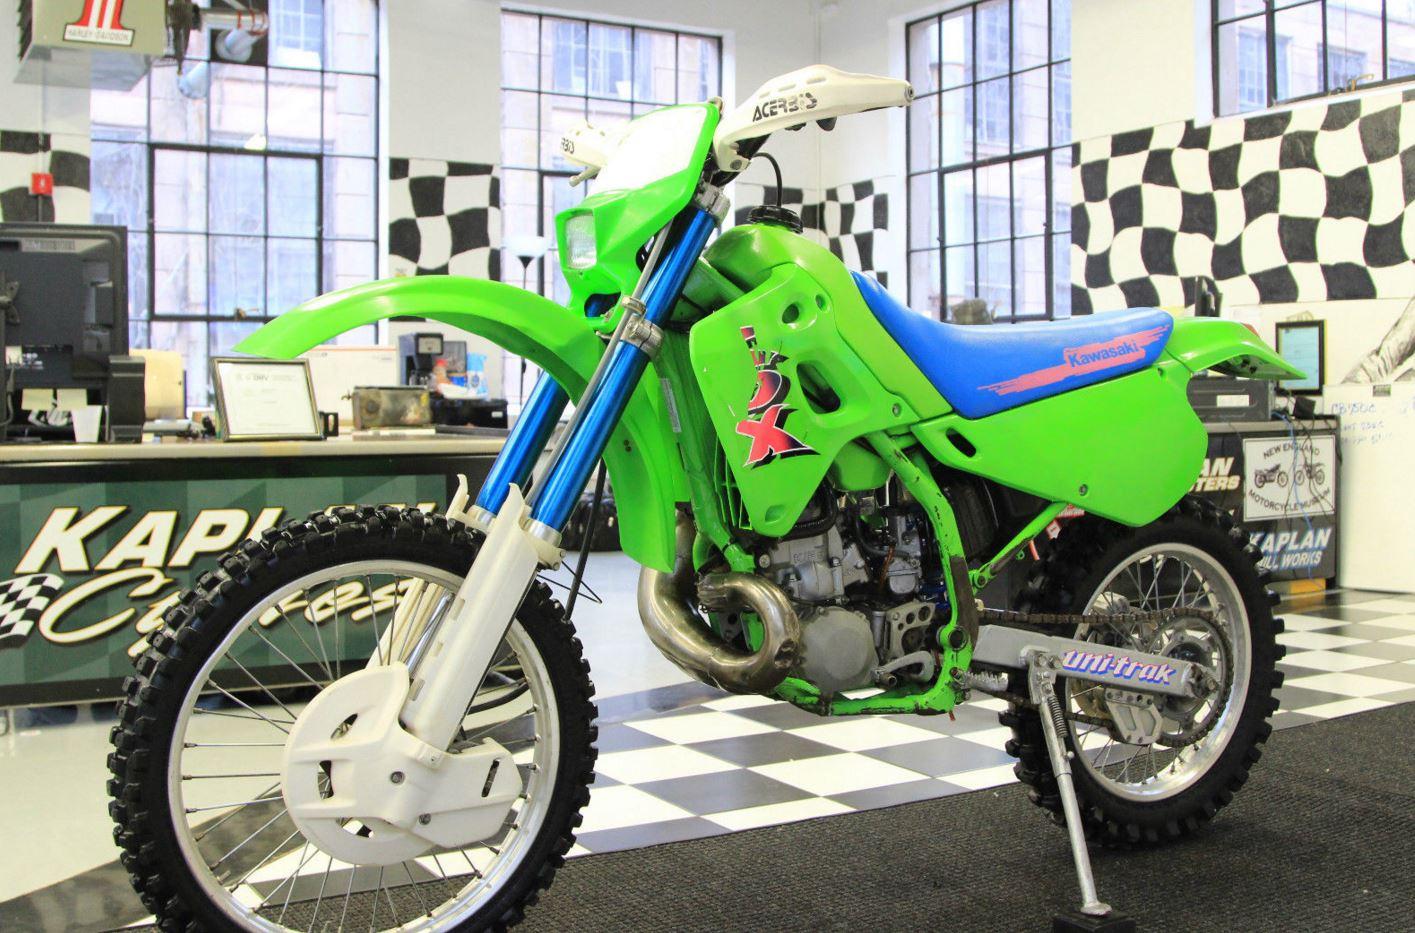 Kawasaki Kdx  Motorcycle For Sale